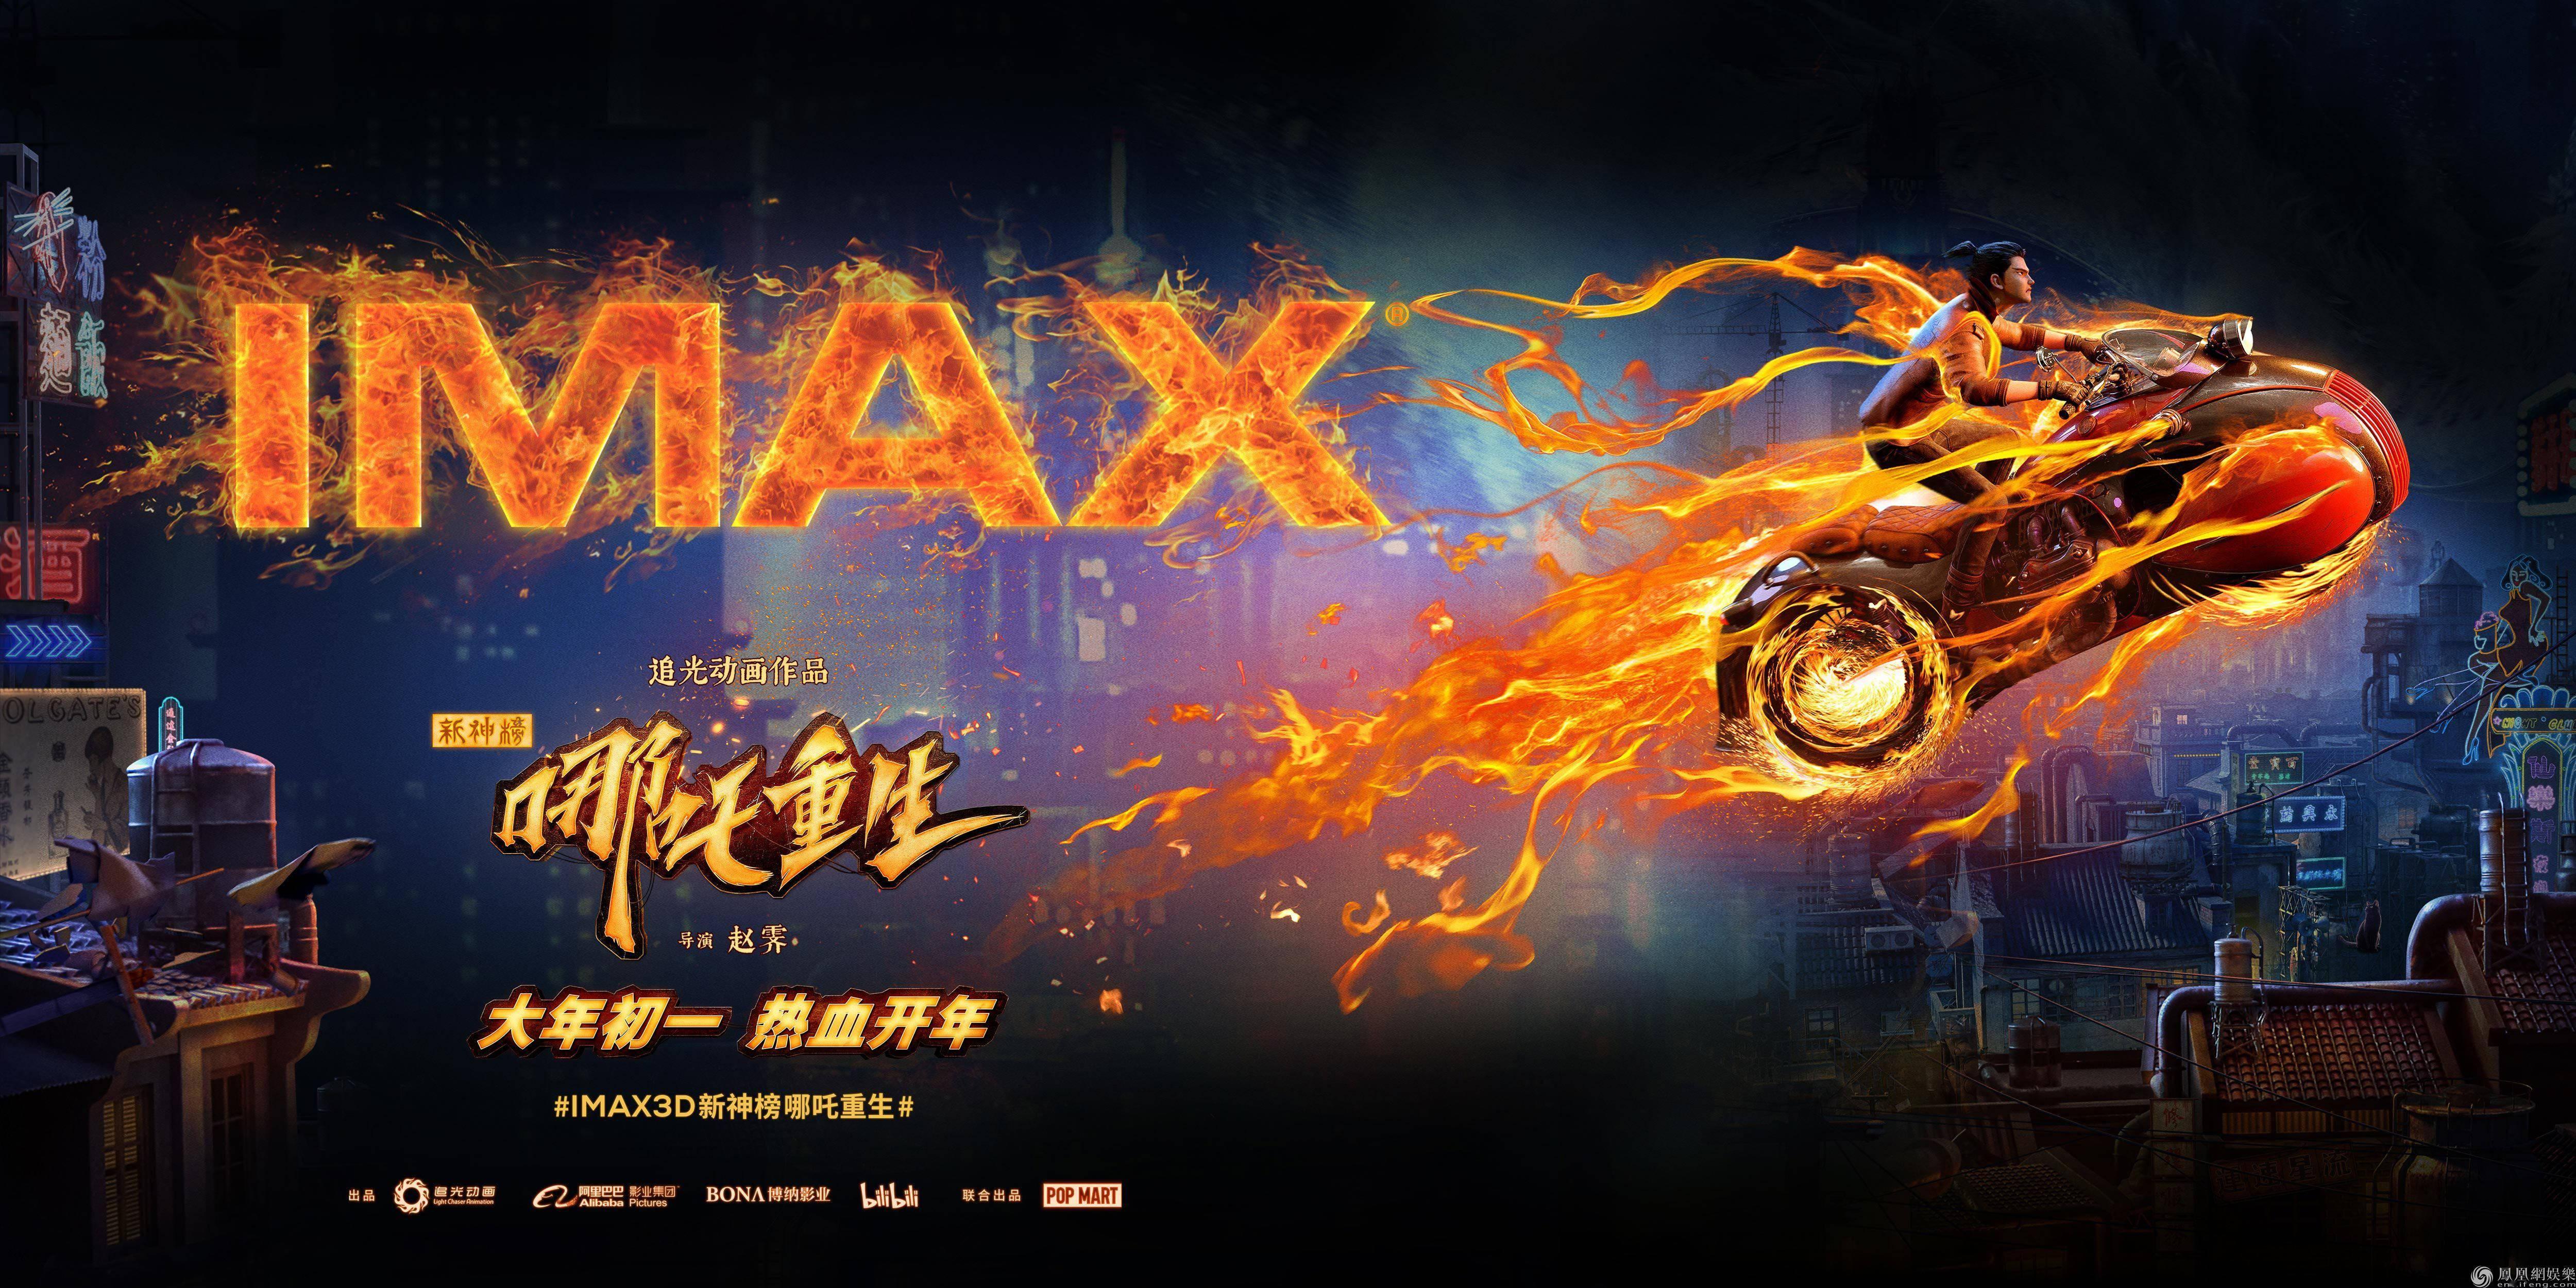 《新神榜:哪吒重生》IMAX年度最期待国漫电影 国潮视效与高燃动作震撼呈现